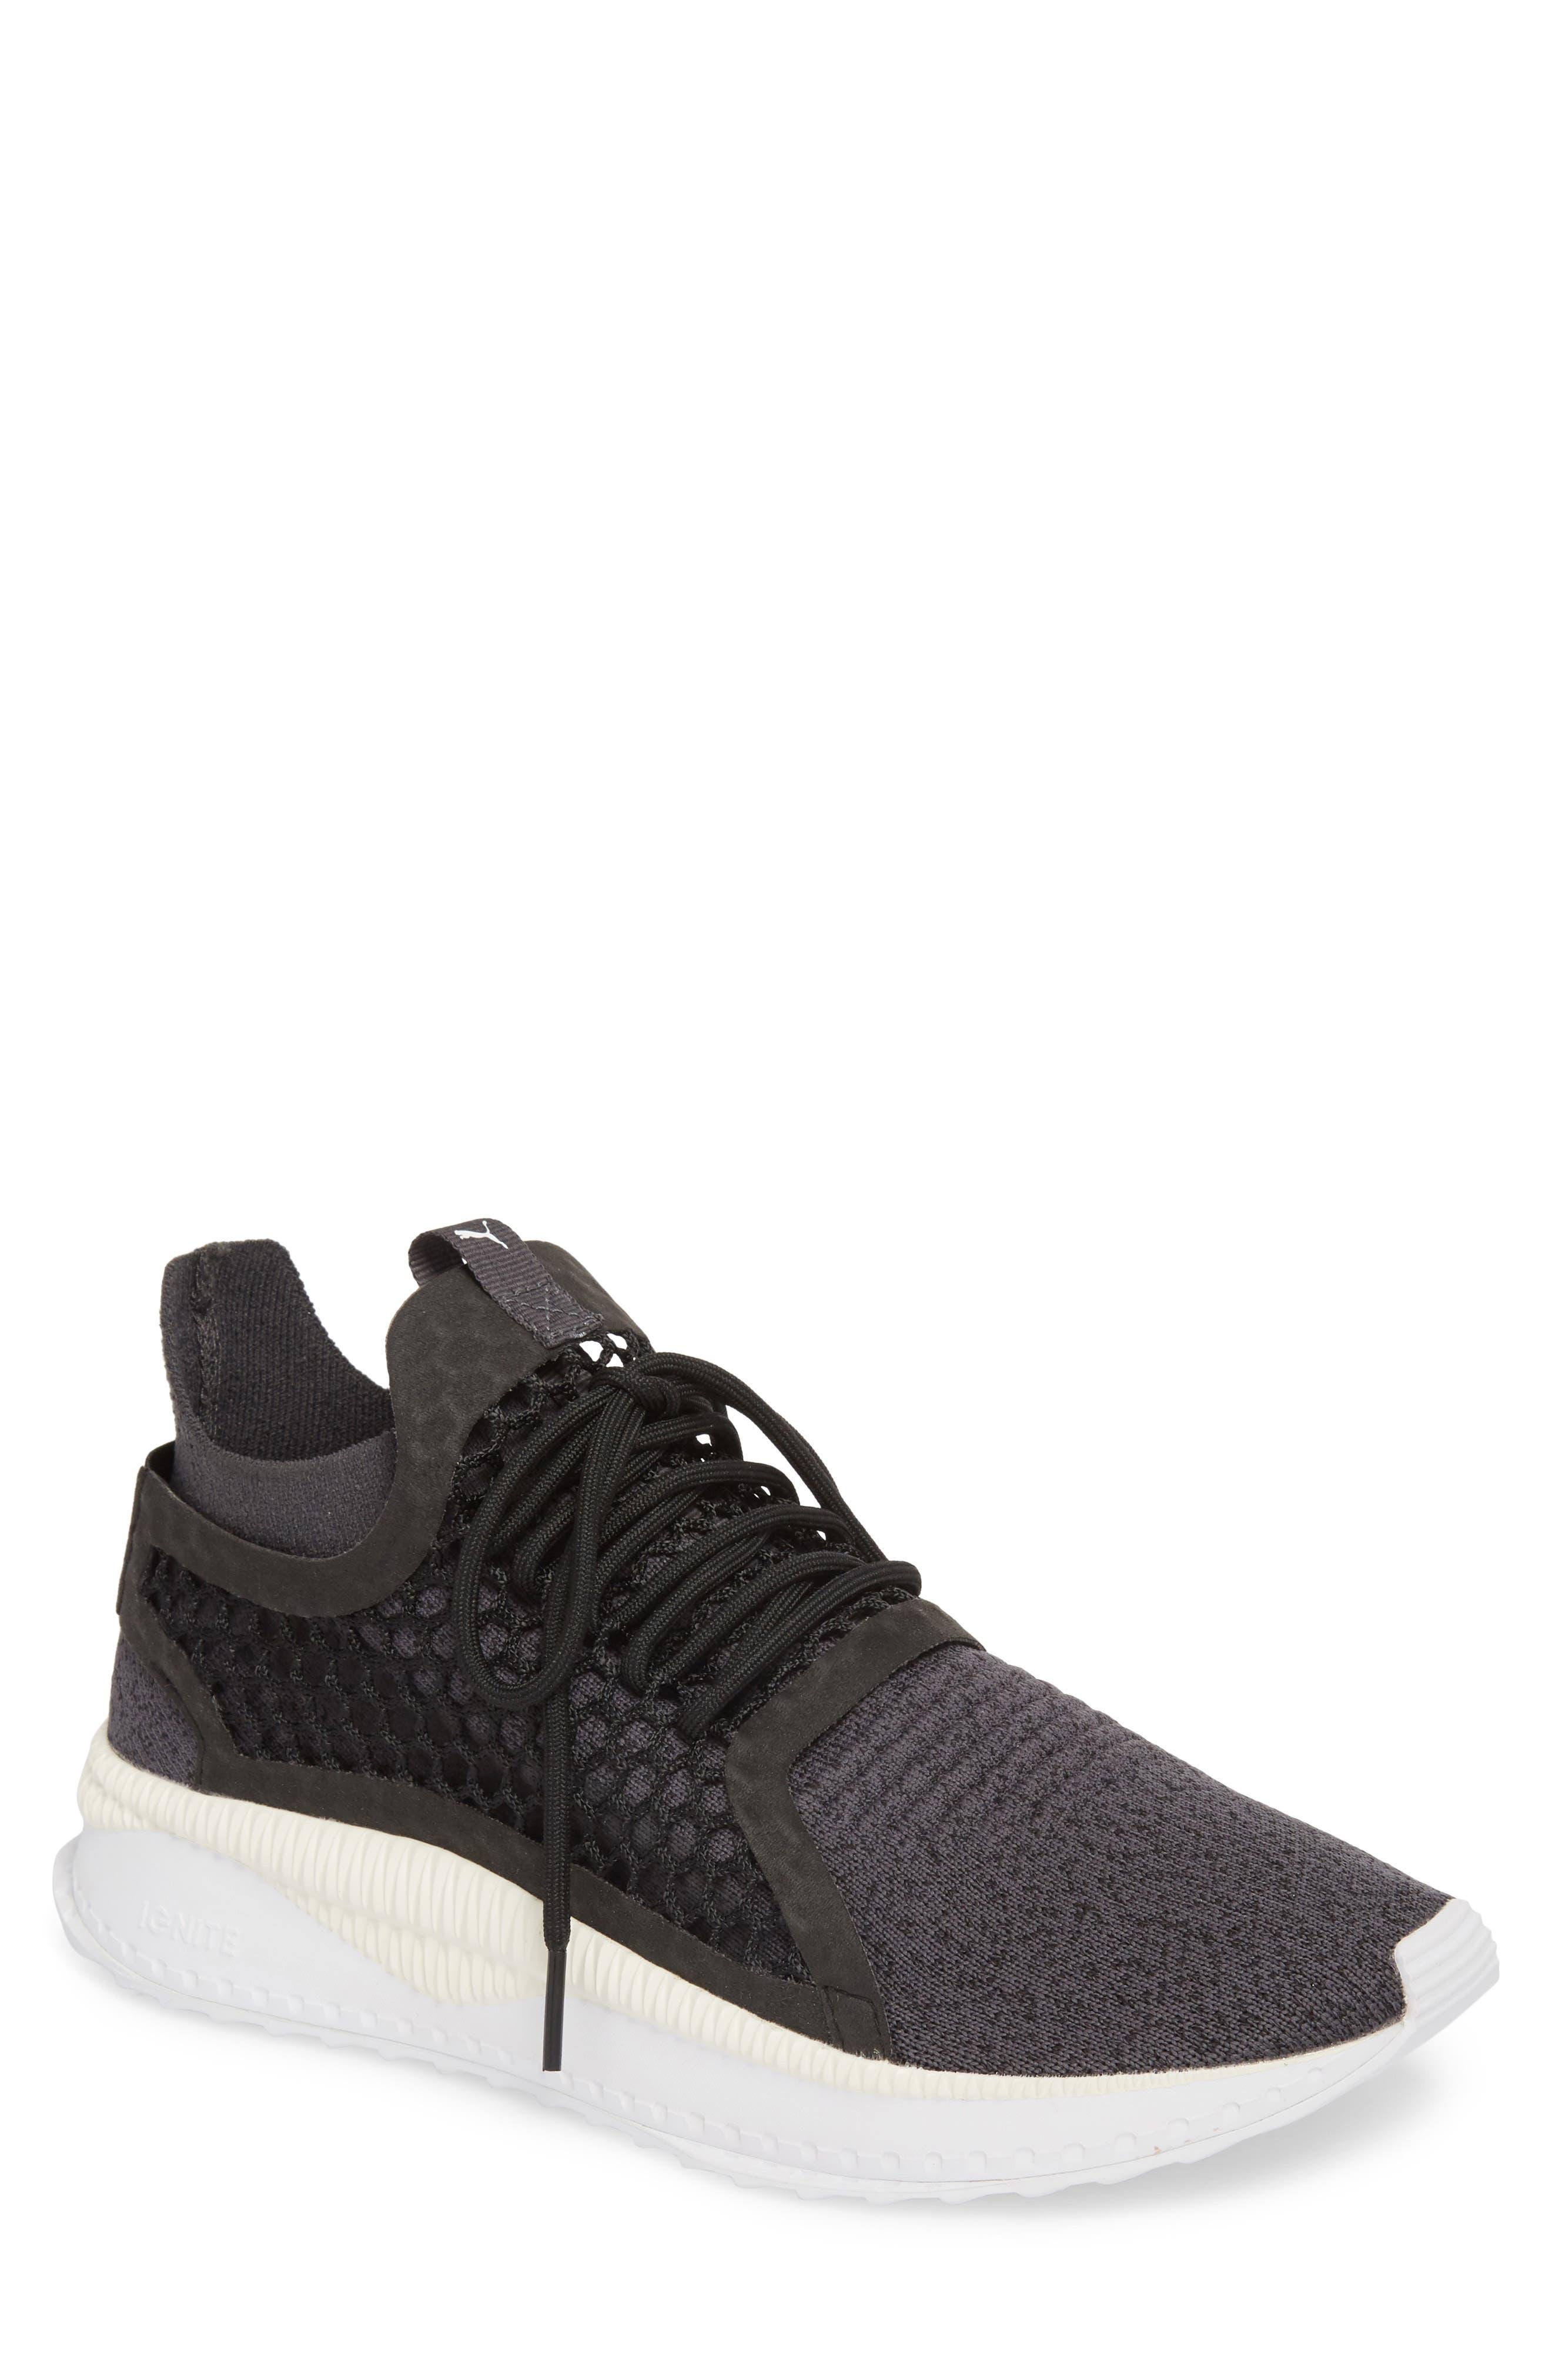 Tsugi Netfit V2 EvoKNIT Sneaker,                         Main,                         color, Black/ Asphalt/ White